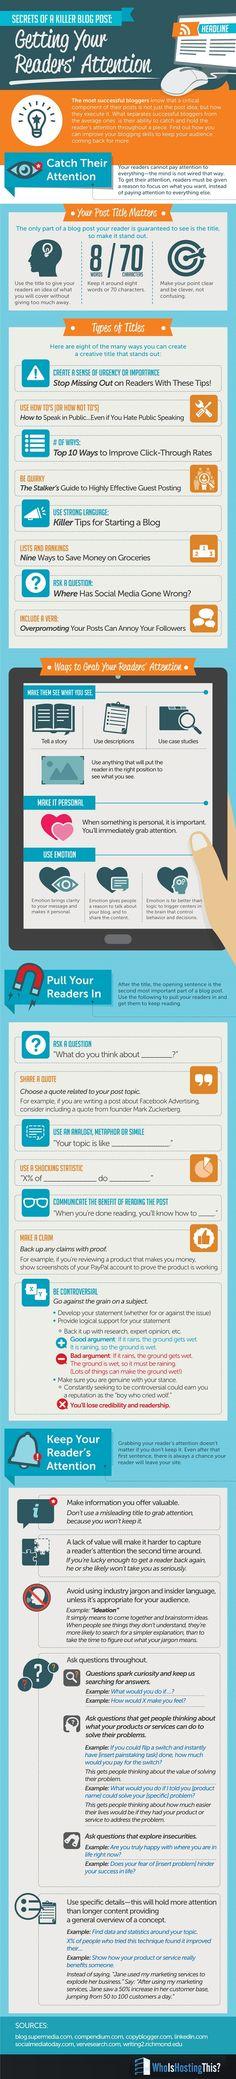 Infografik mit den wichtigsten Inputs für erfolgreichere #Blogartikel: How-to-Write-a-Successful-Blog-Post-1-7+2